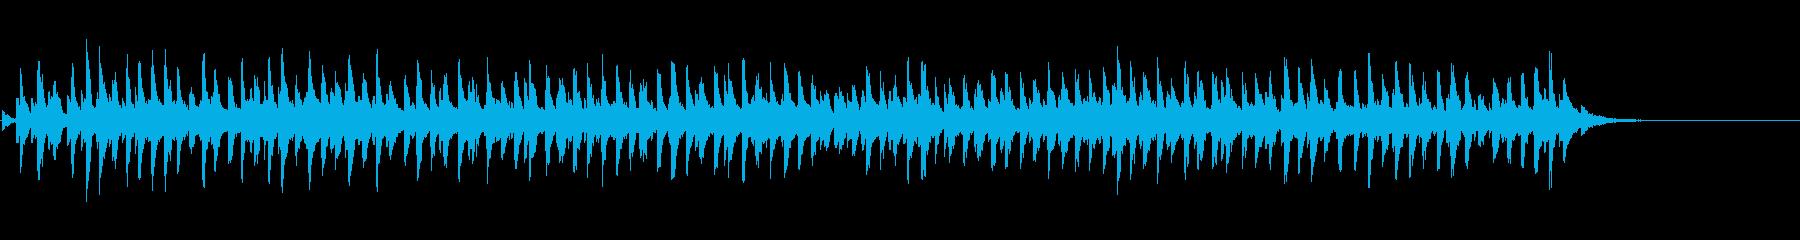 ベルが鳴るの再生済みの波形